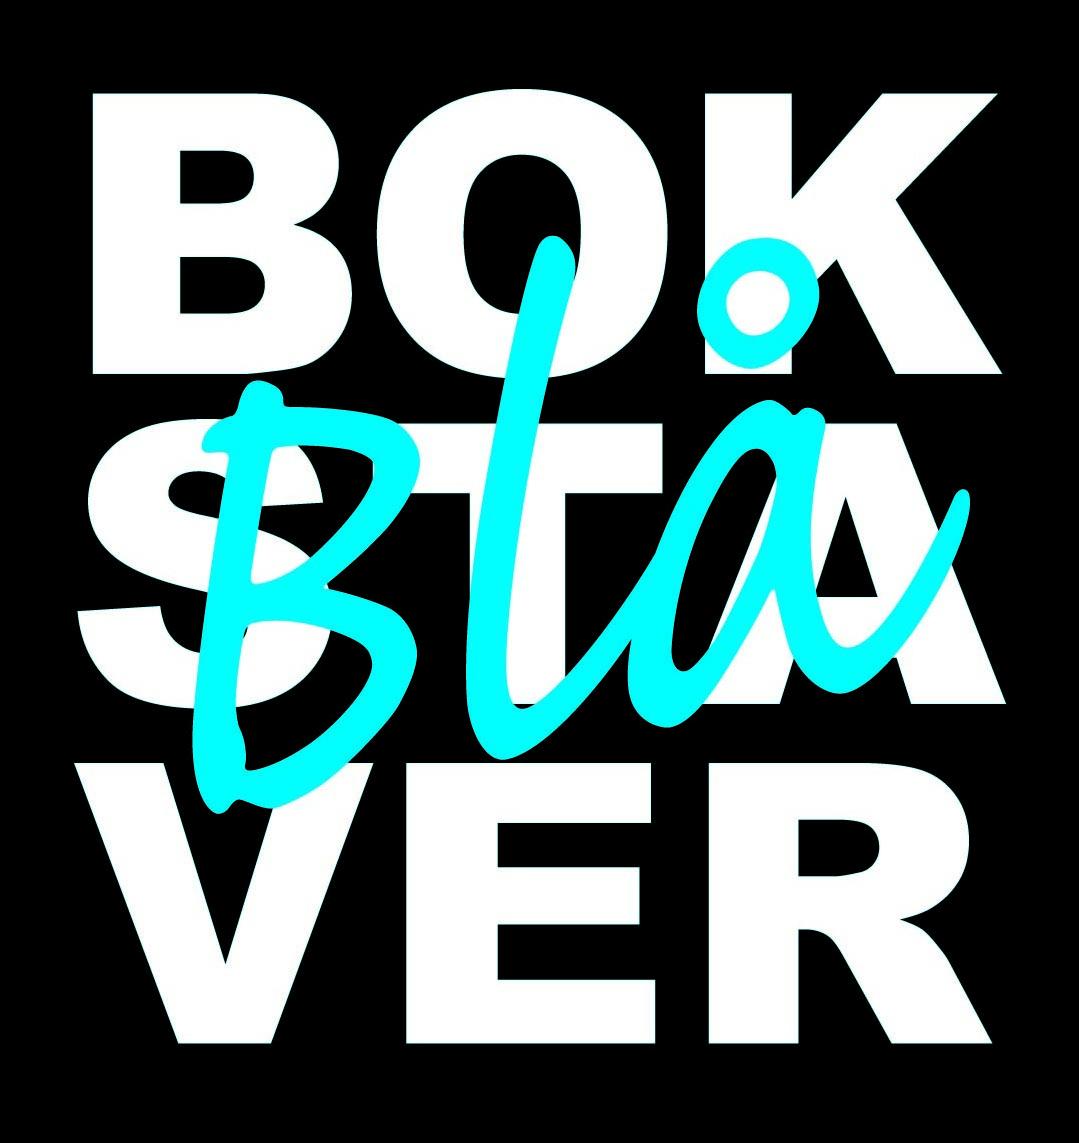 BlåBokstaver design- og reklamebyrå